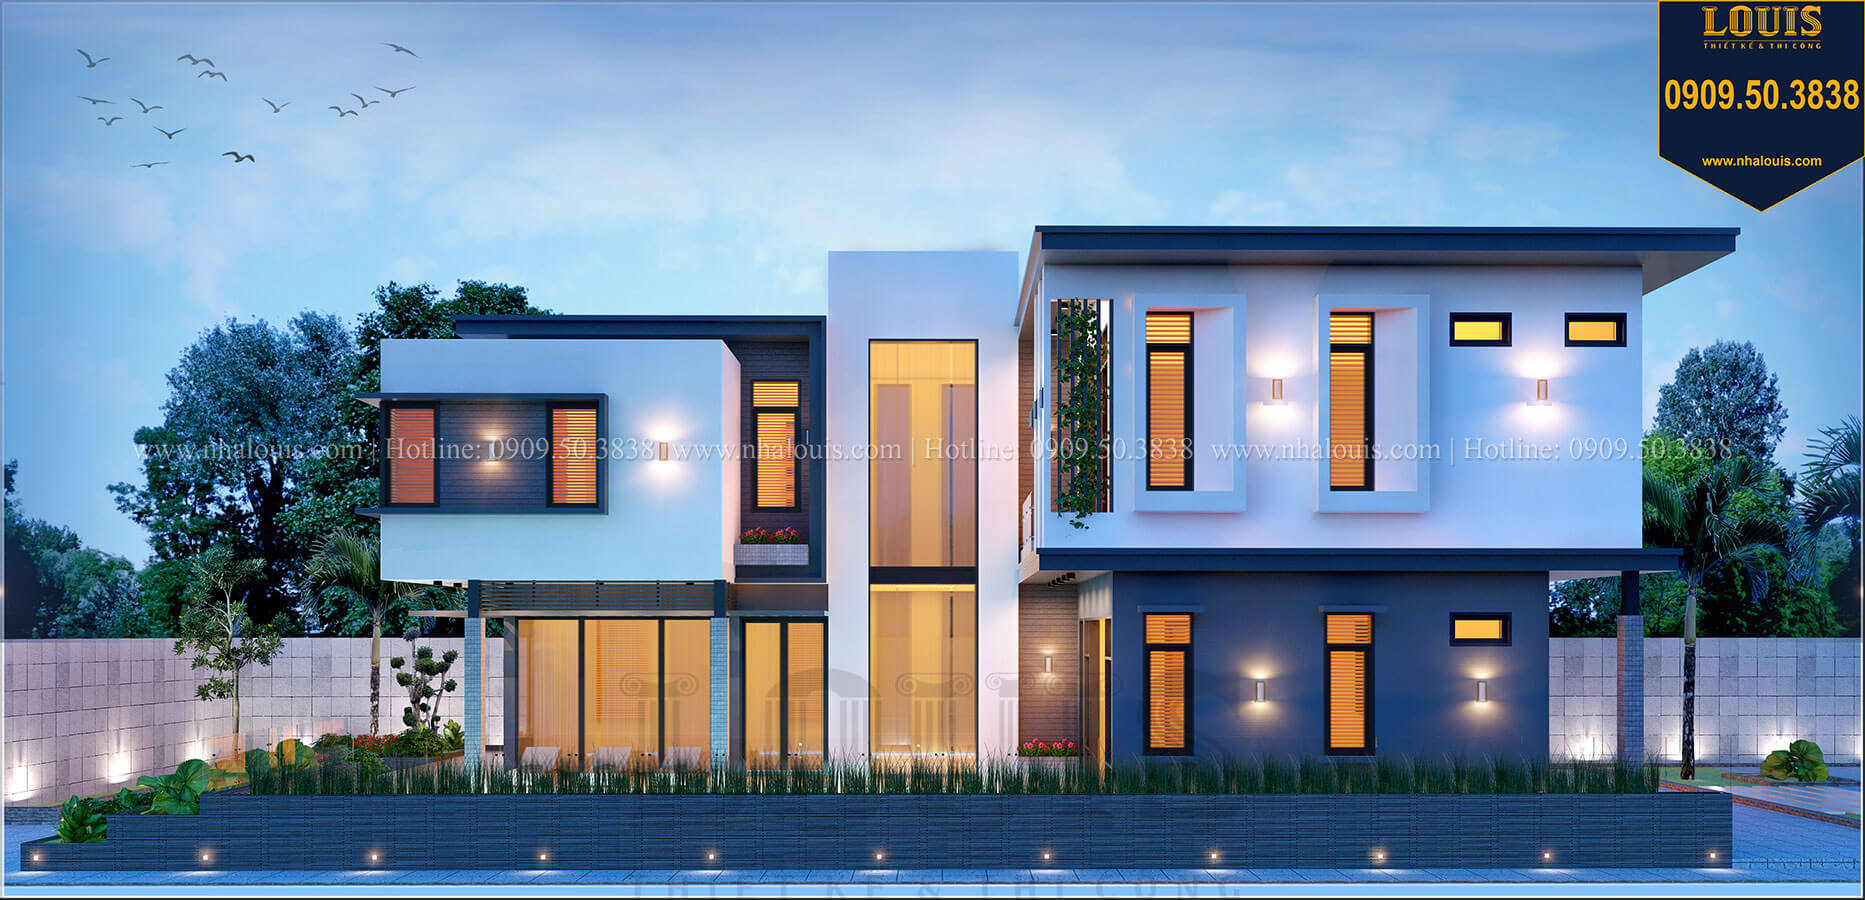 Mặt tiền Biệt thự 2 tầng hiện đại mặt tiền 13.5m sang chảnh tại Kiên Giang - 02